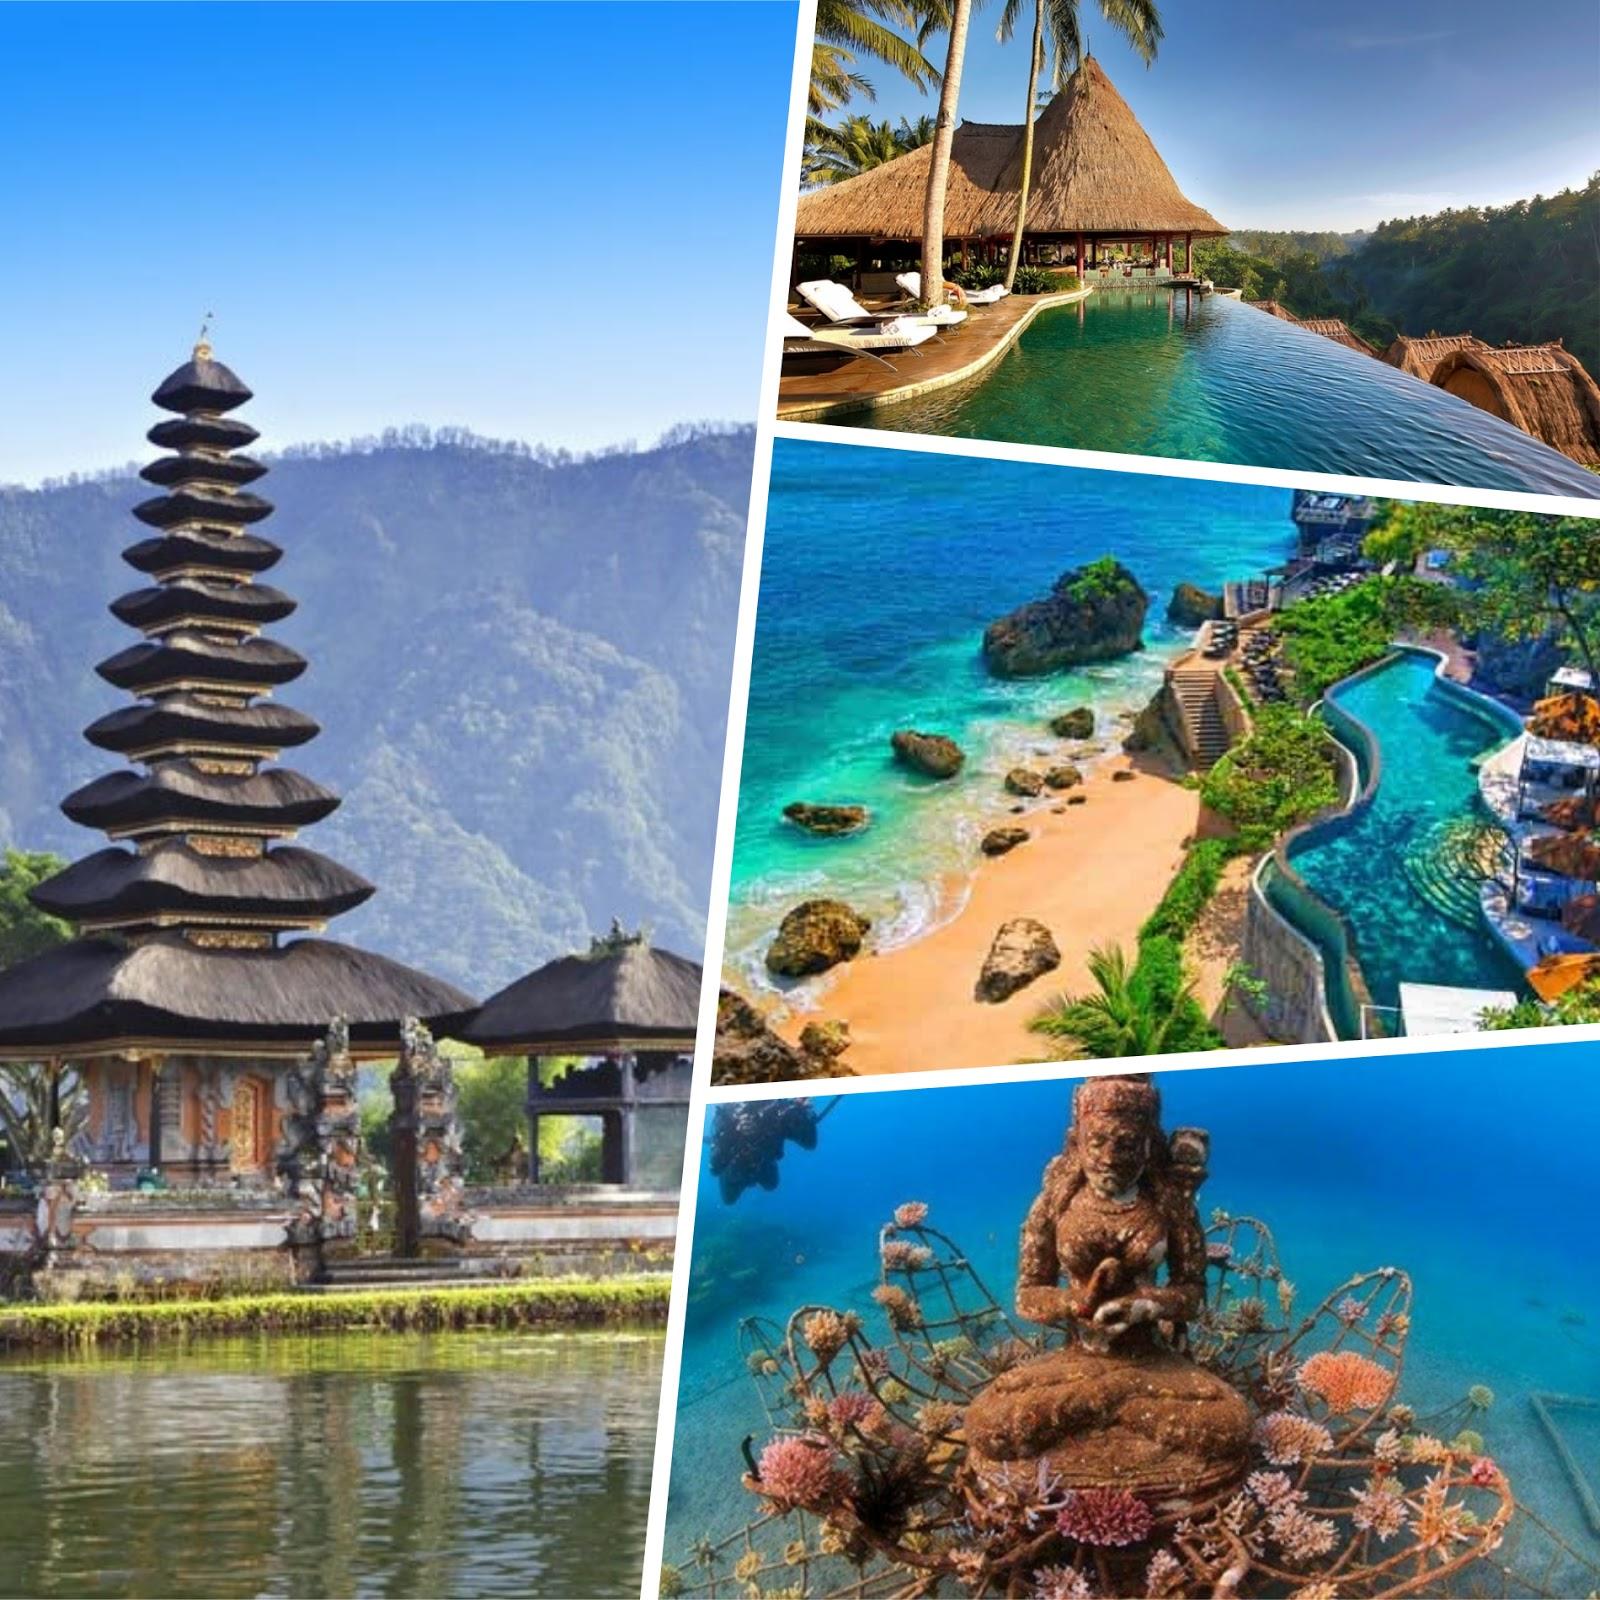 Best Honeymoon Places Bali: Top 10 Best Islands For Your Honeymoon Destinations